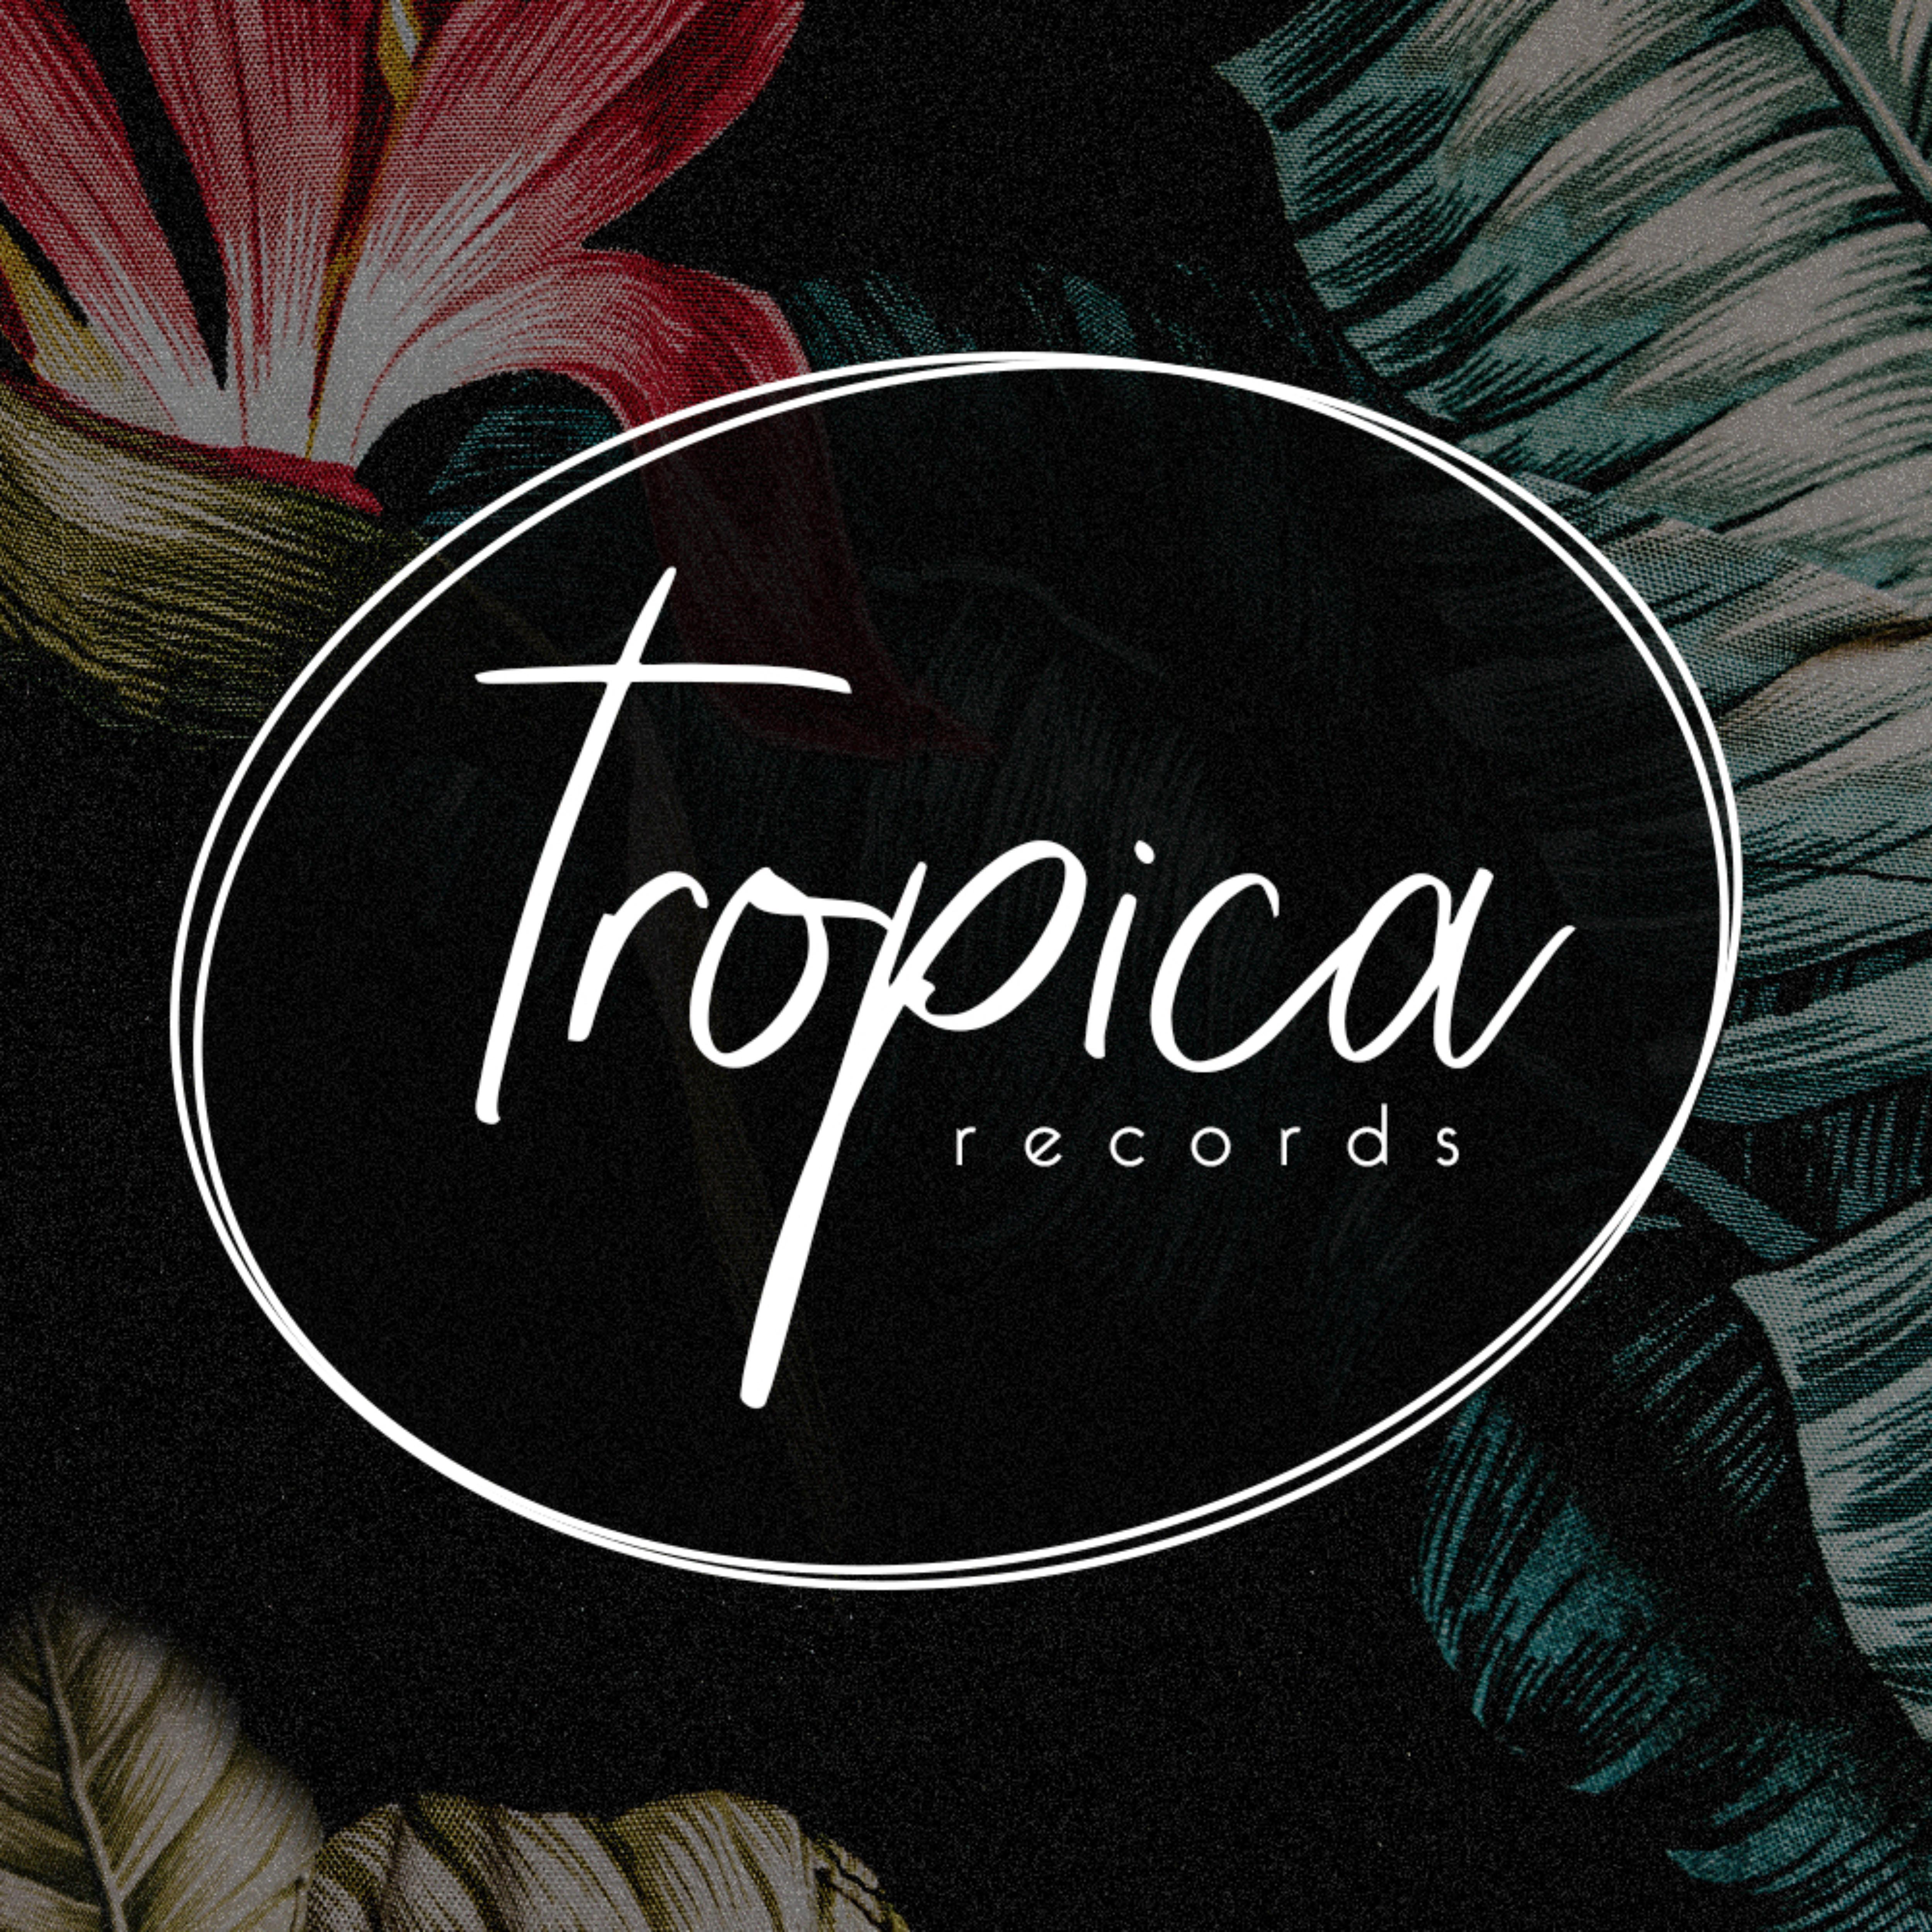 Tropica Records